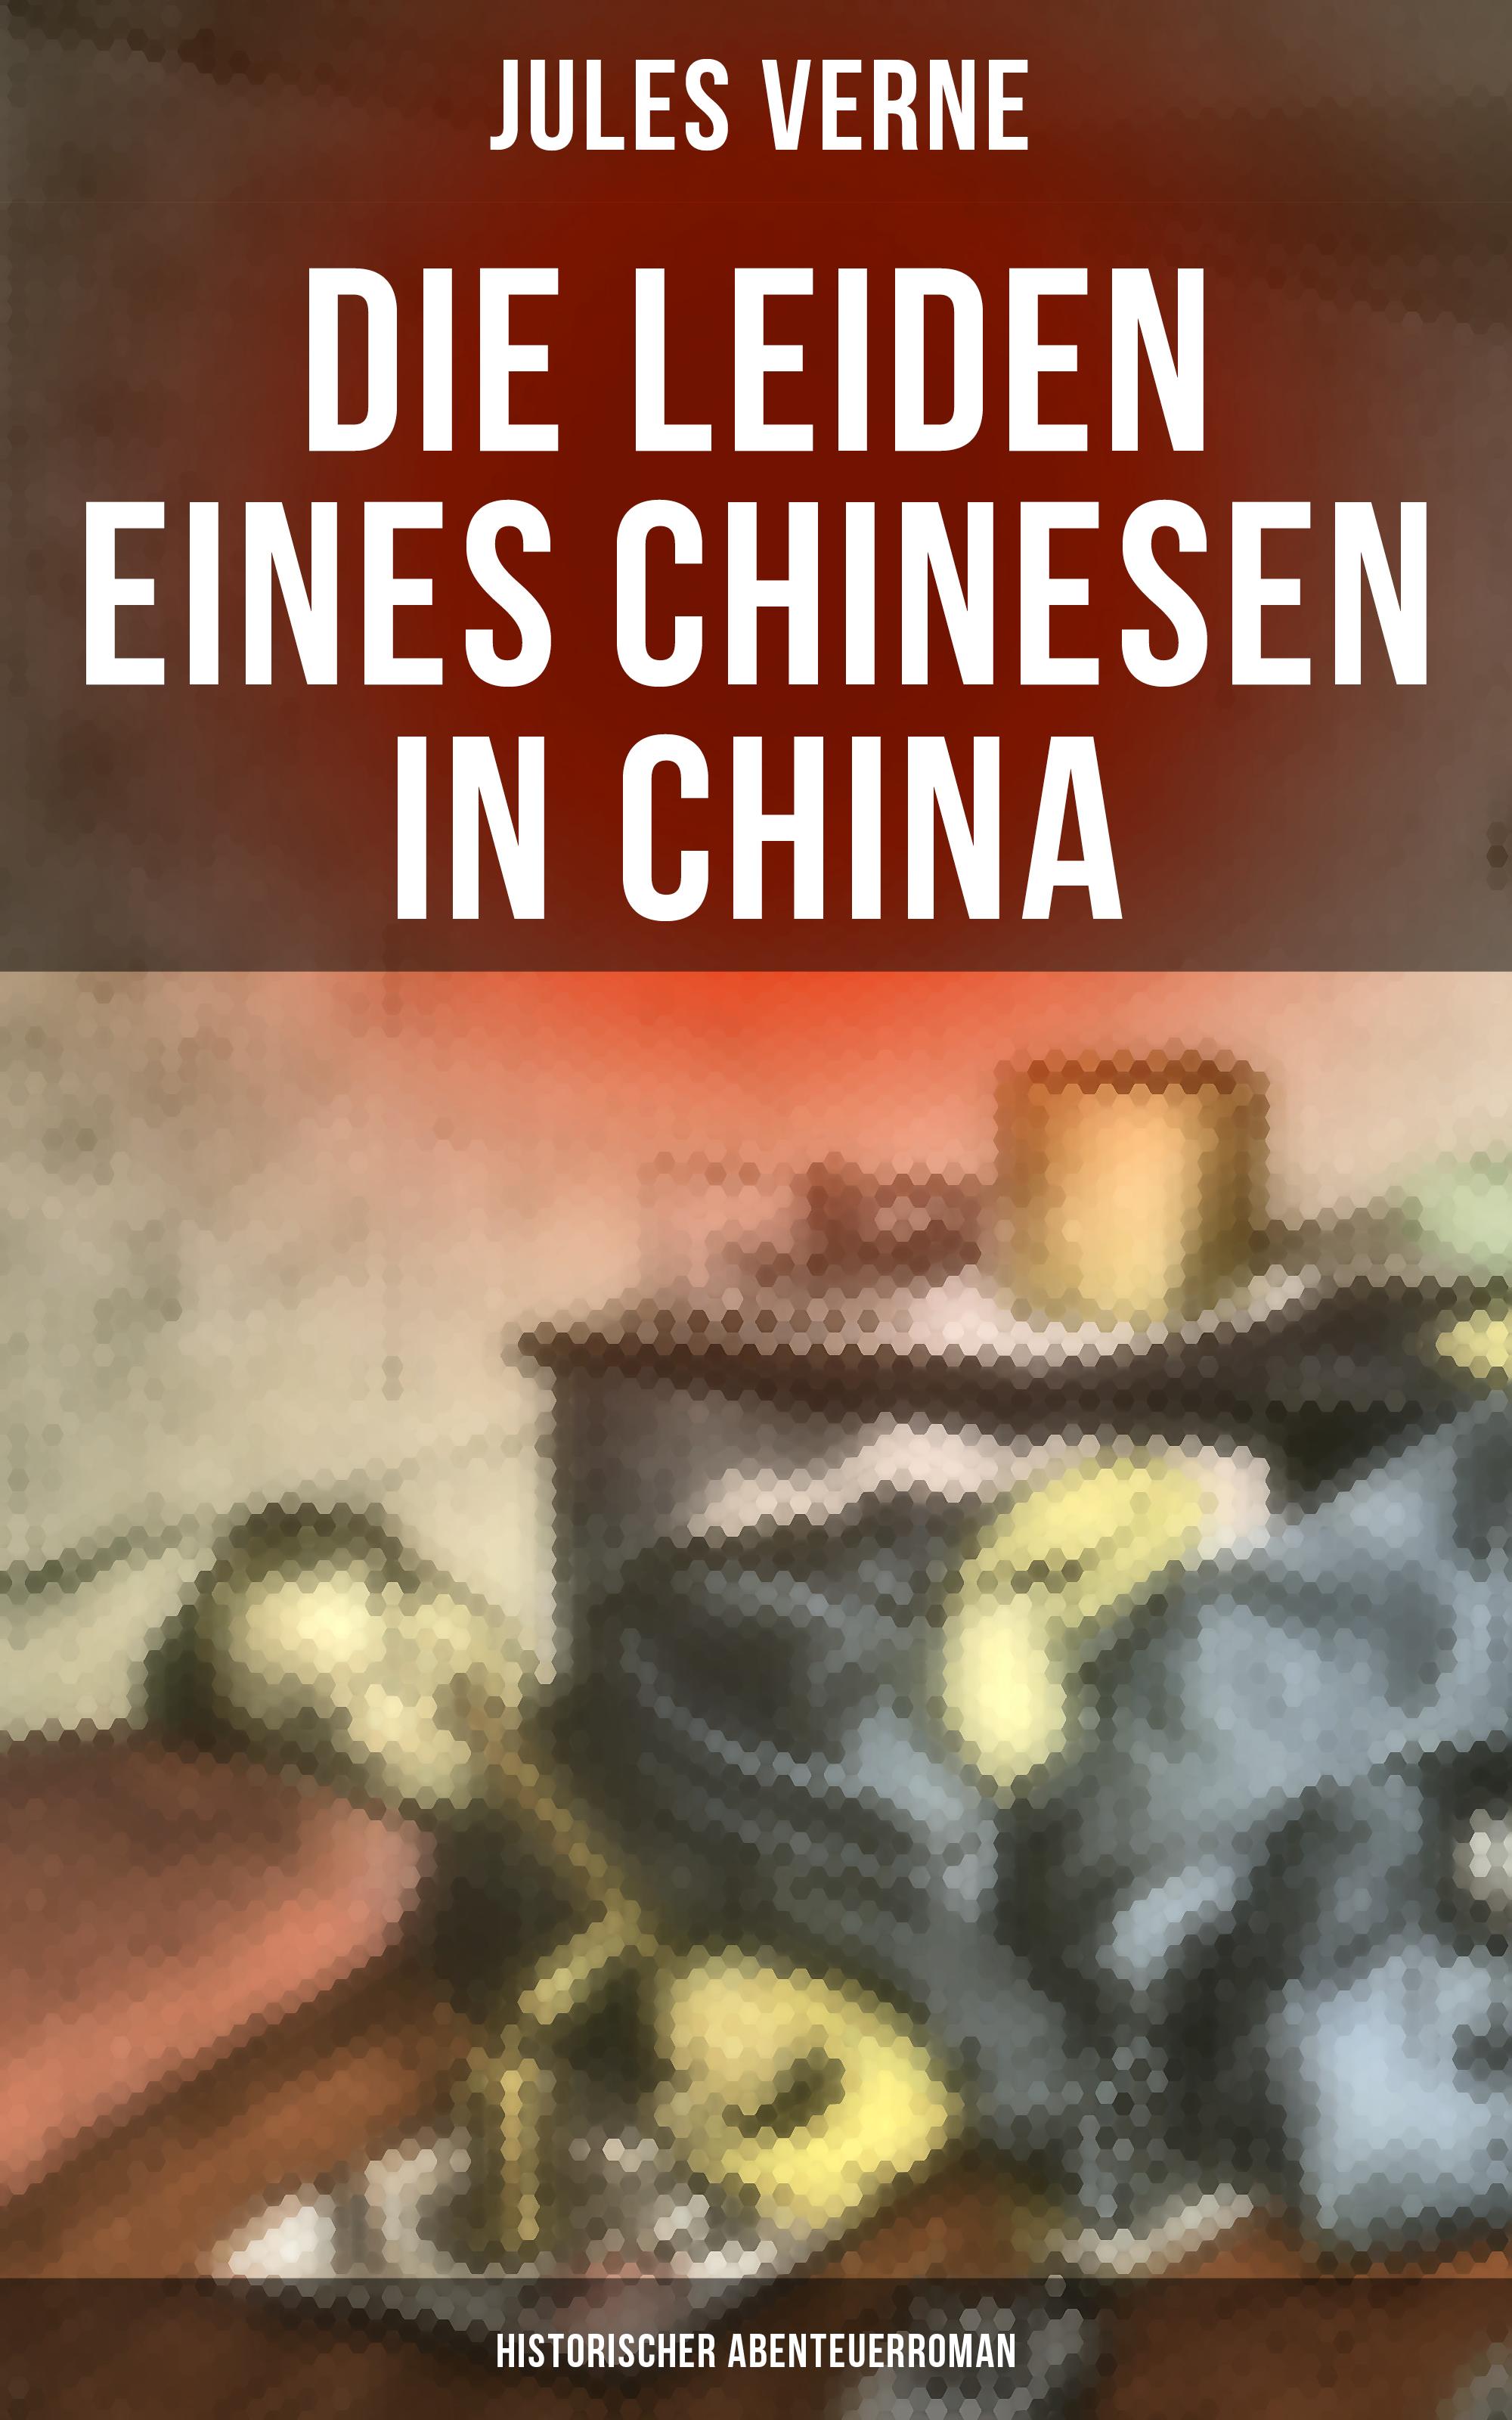 die leiden eines chinesen in china historischer abenteuerroman